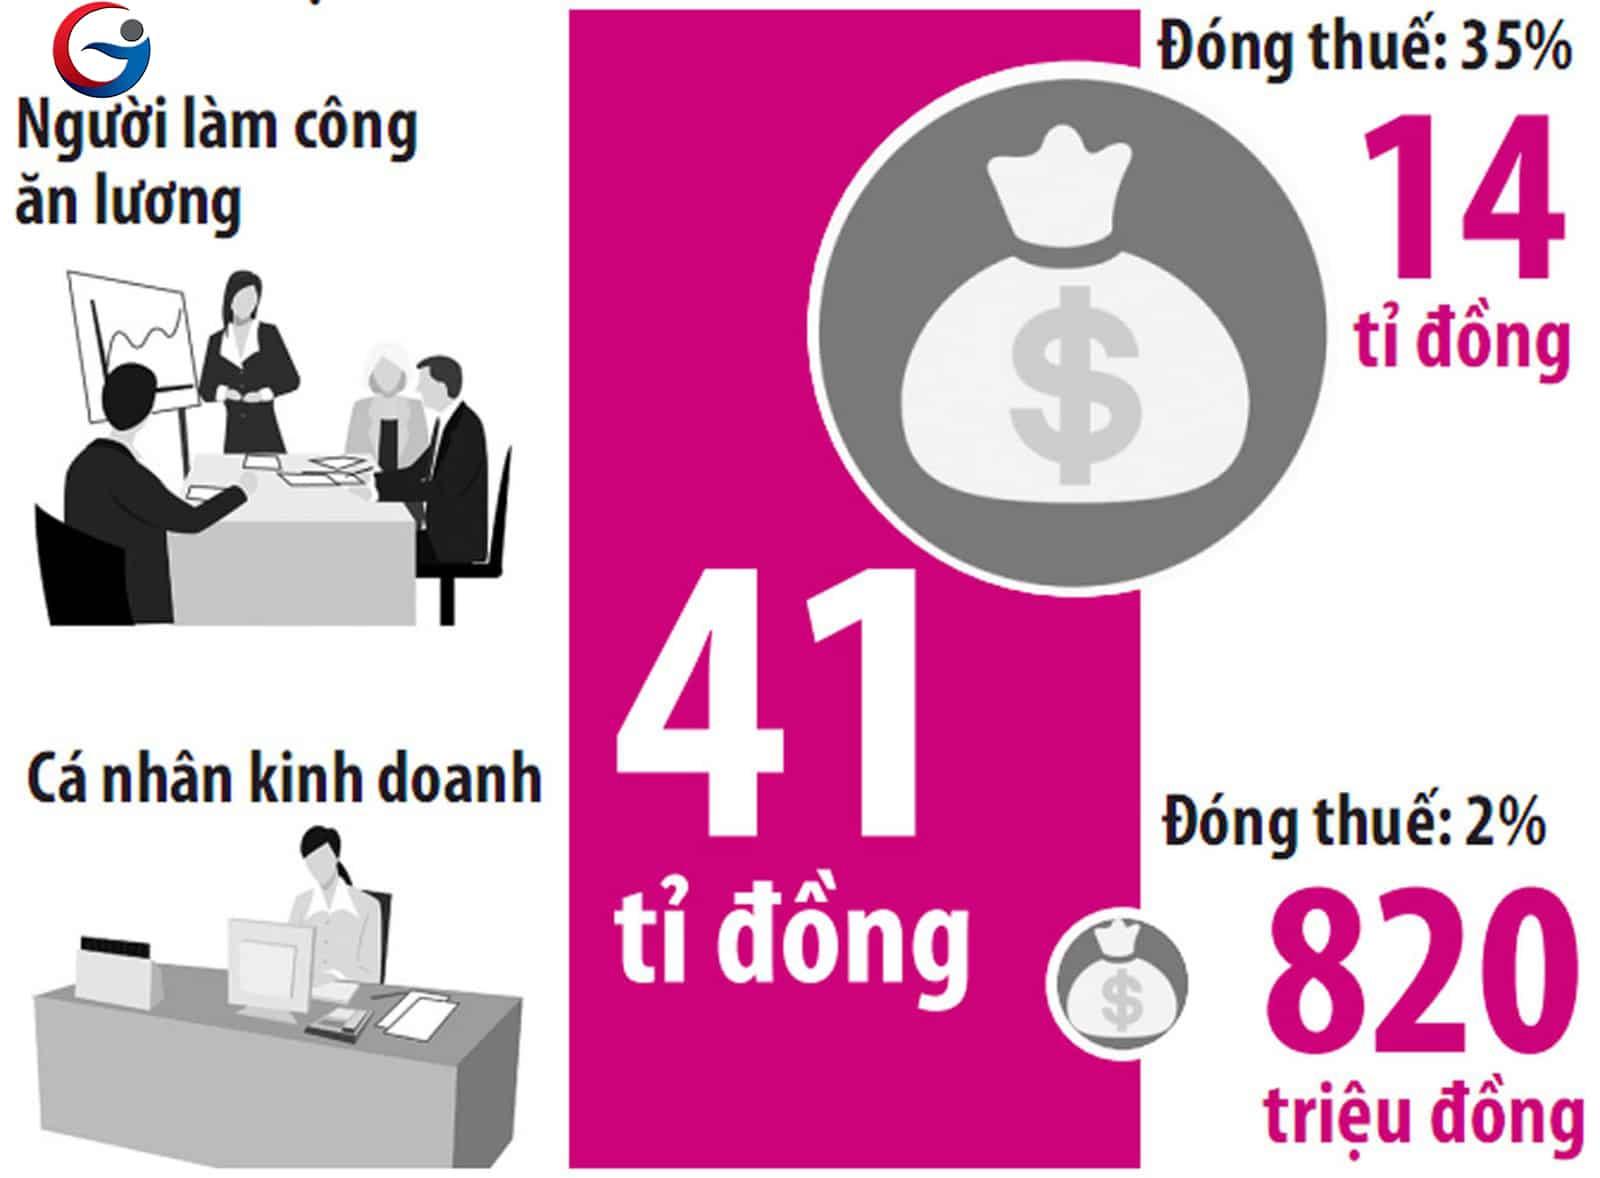 Người làm công ăn lương đóng thuế cao nhất